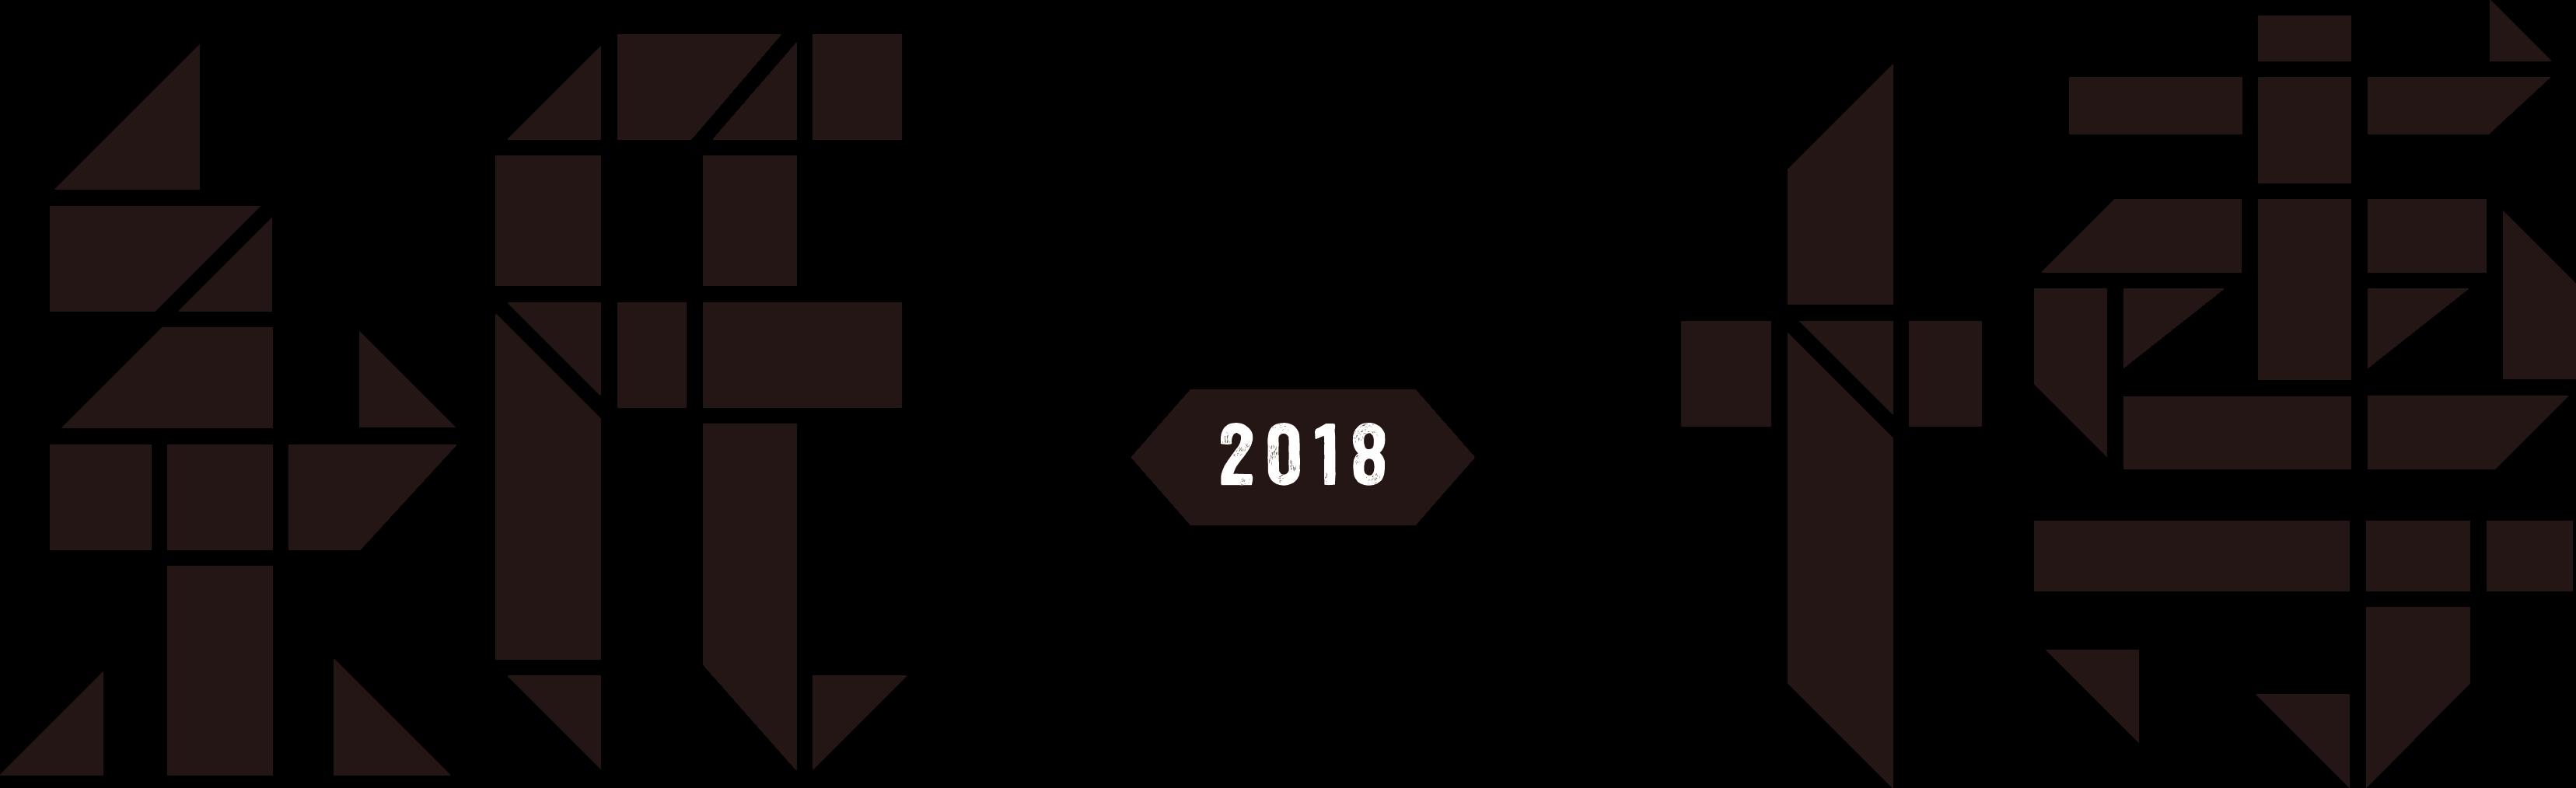 紙博 PAPER EXPO 2018 Tokyo vol.2 & Kyoto vol.2